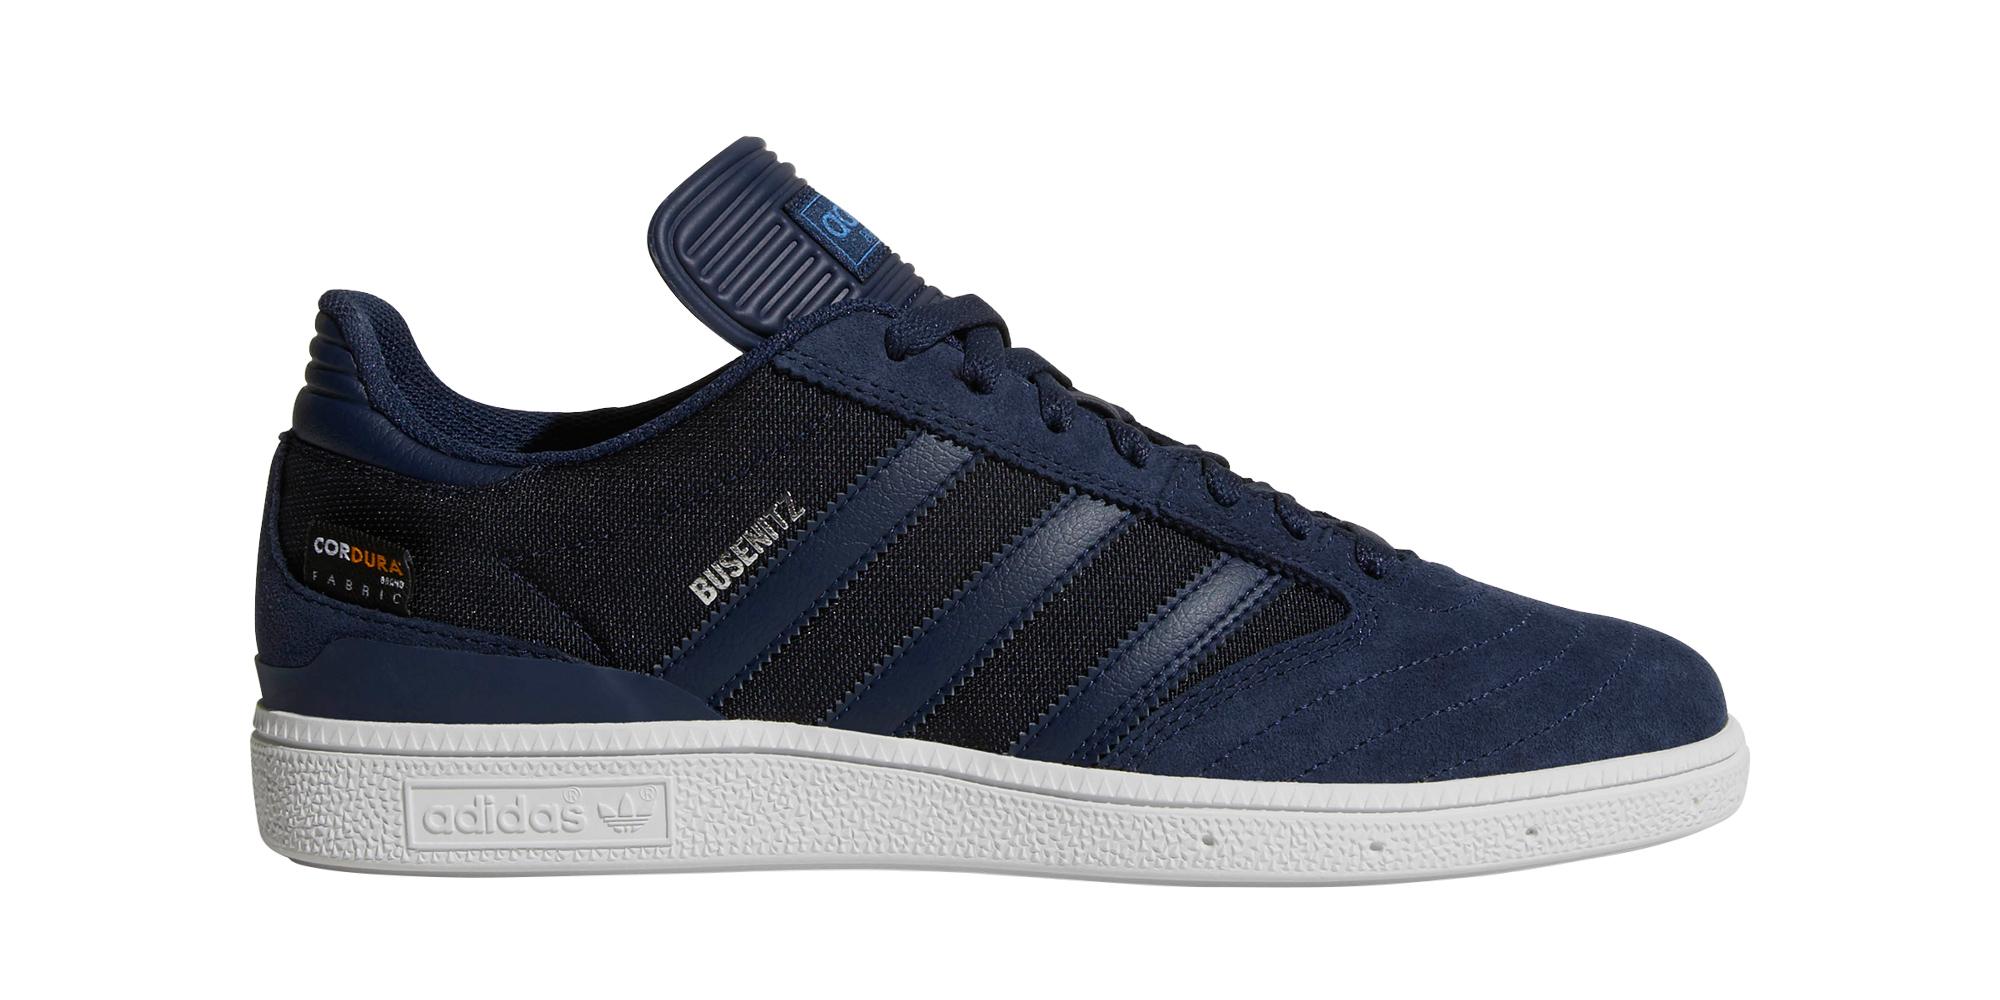 on sale e407b b6f24 ... hot adidas skateboarding busenitz dennis busenitz pro modello skate  d8e92 3d309